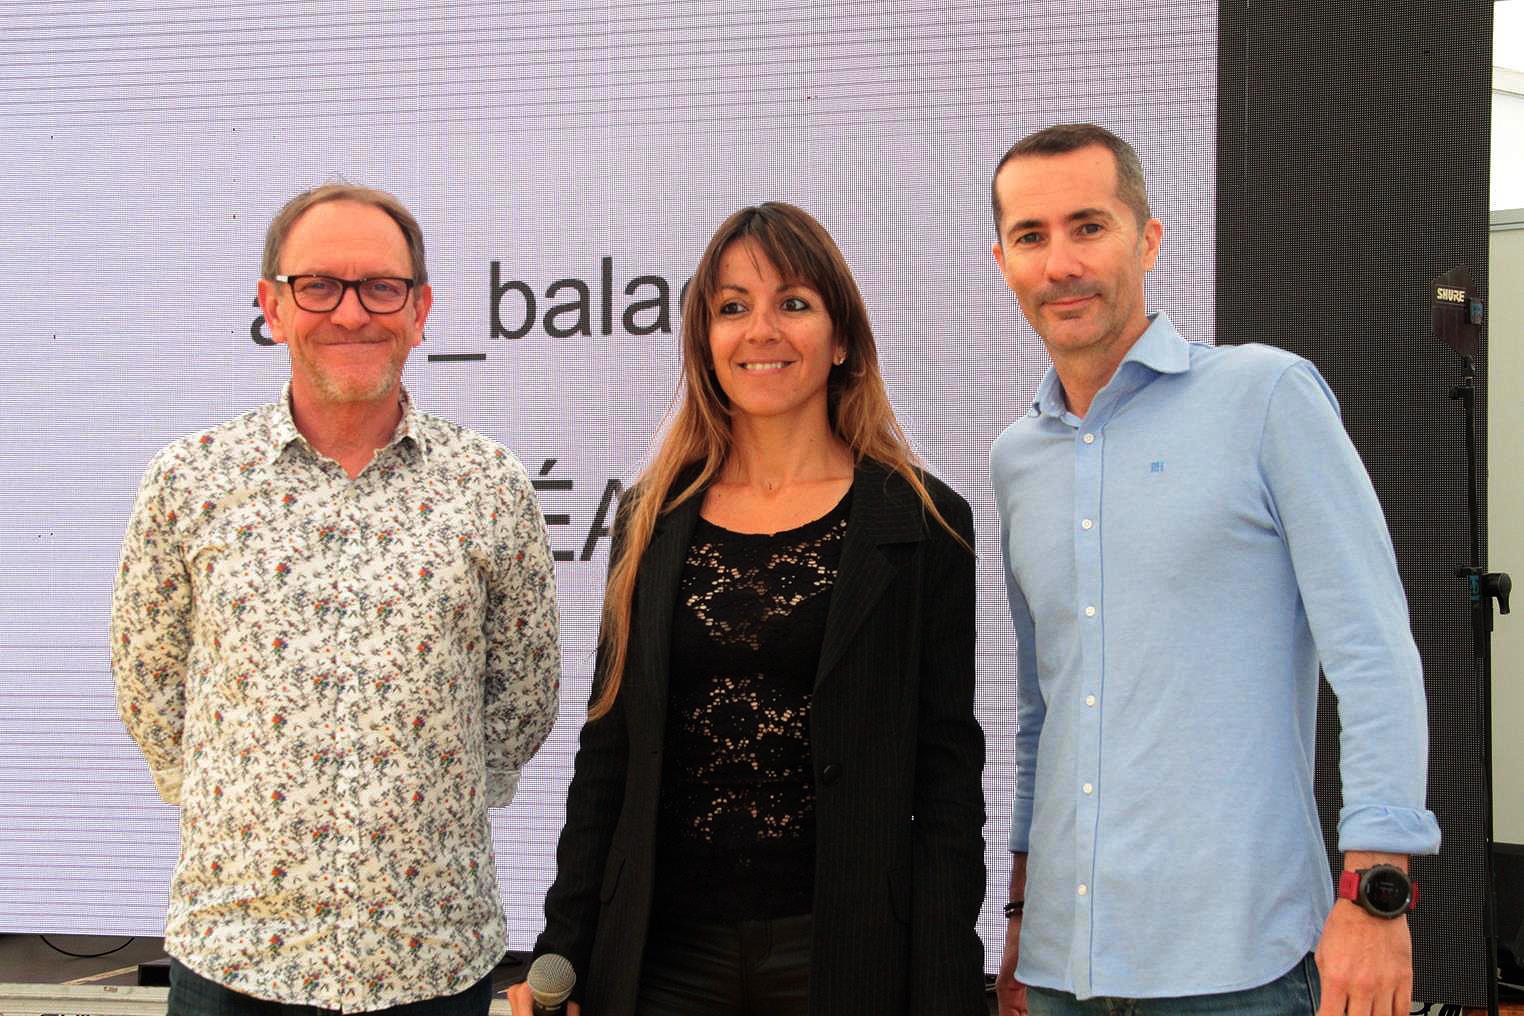 Planéate 2019' concluye con una intensa Jornada de Puertas Abiertas en Lanzarote